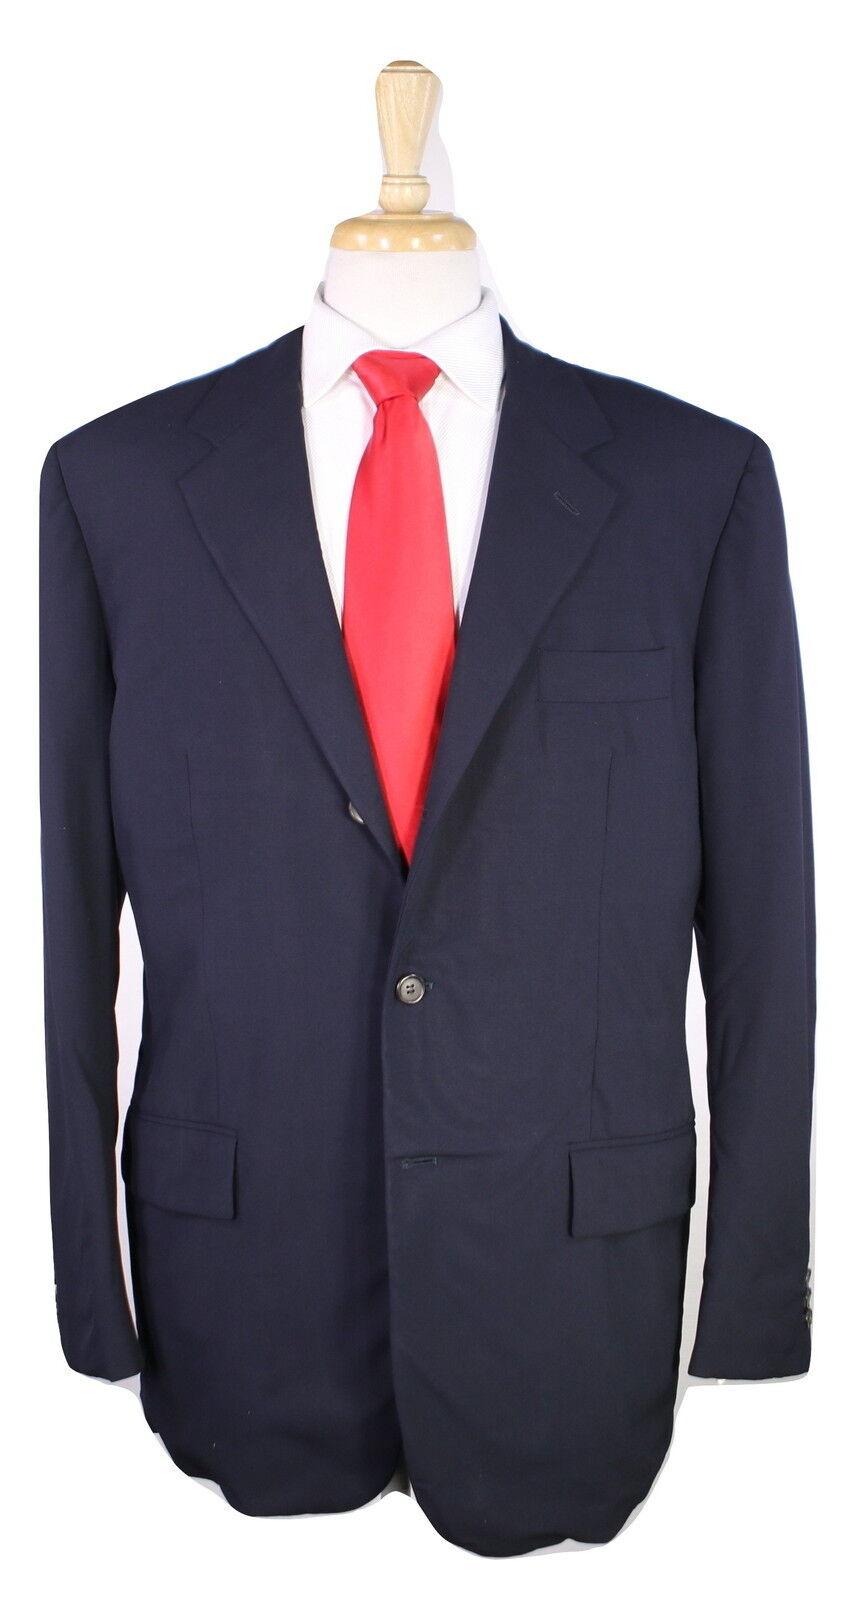 PRADA  Solid Dark Navy bluee 3-Btn Wool Modern Fit Suit 42R